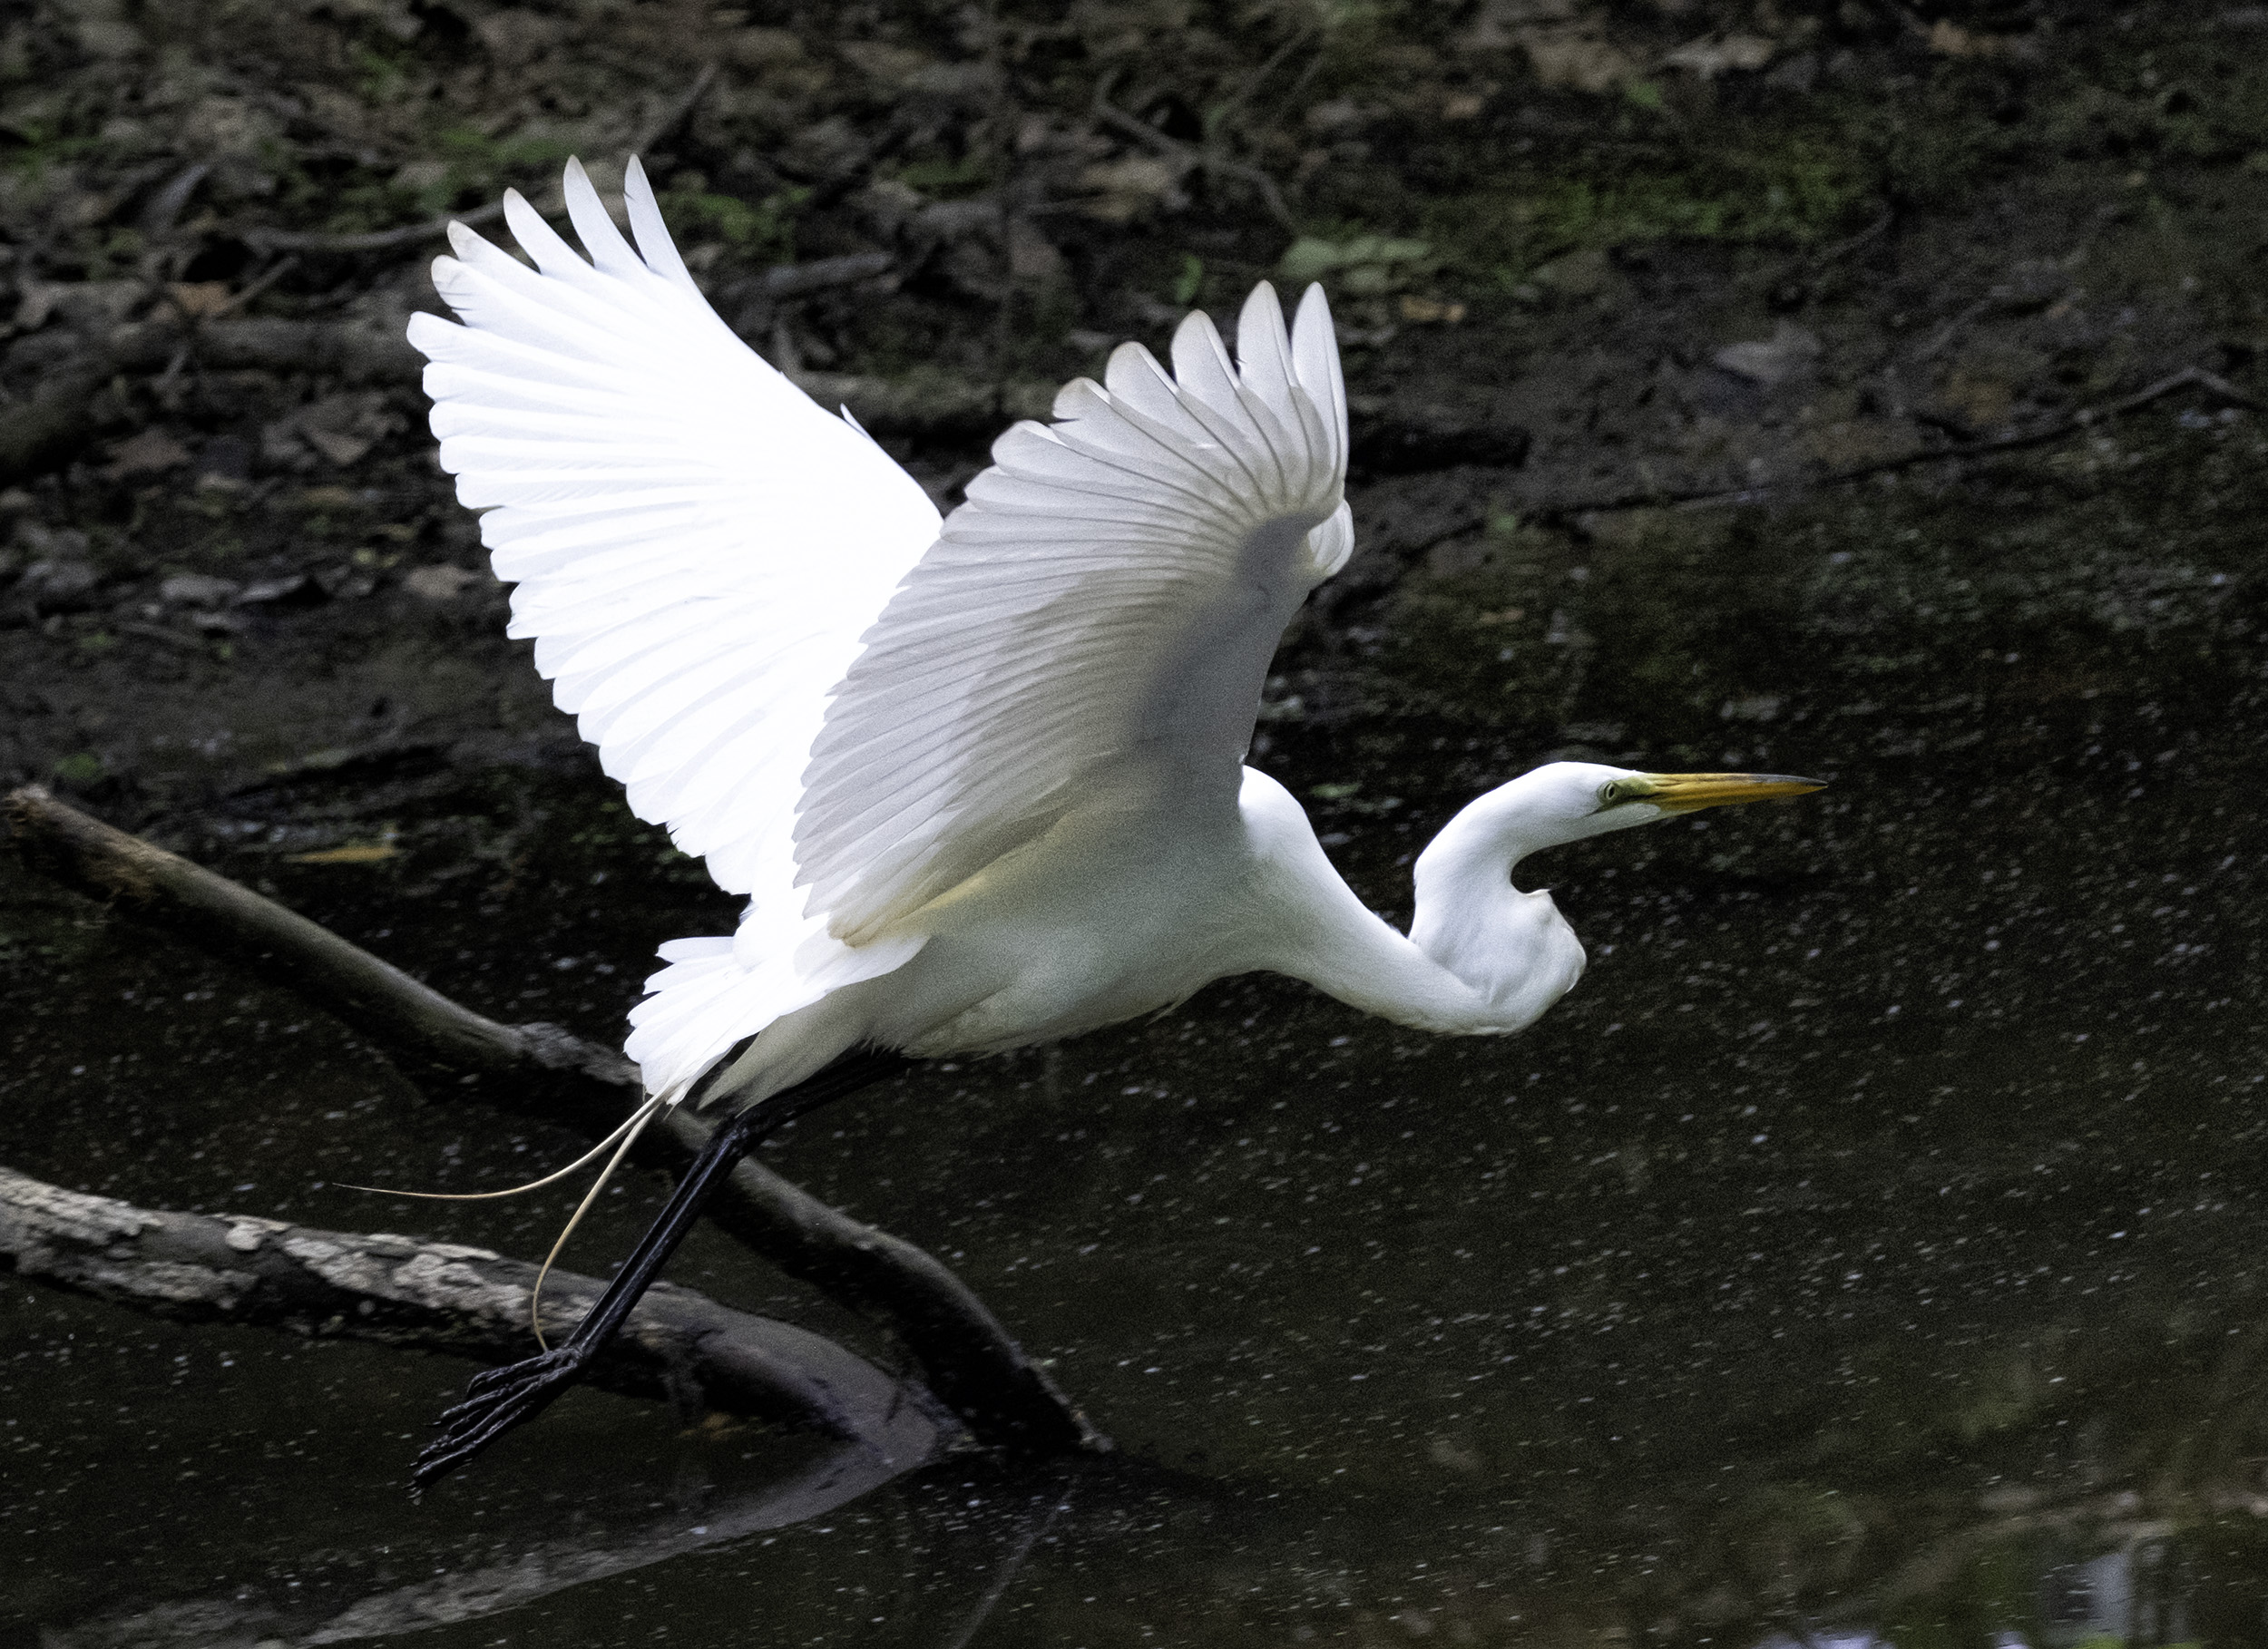 190518 Canal Birds XT2 210-1 cln.jpg